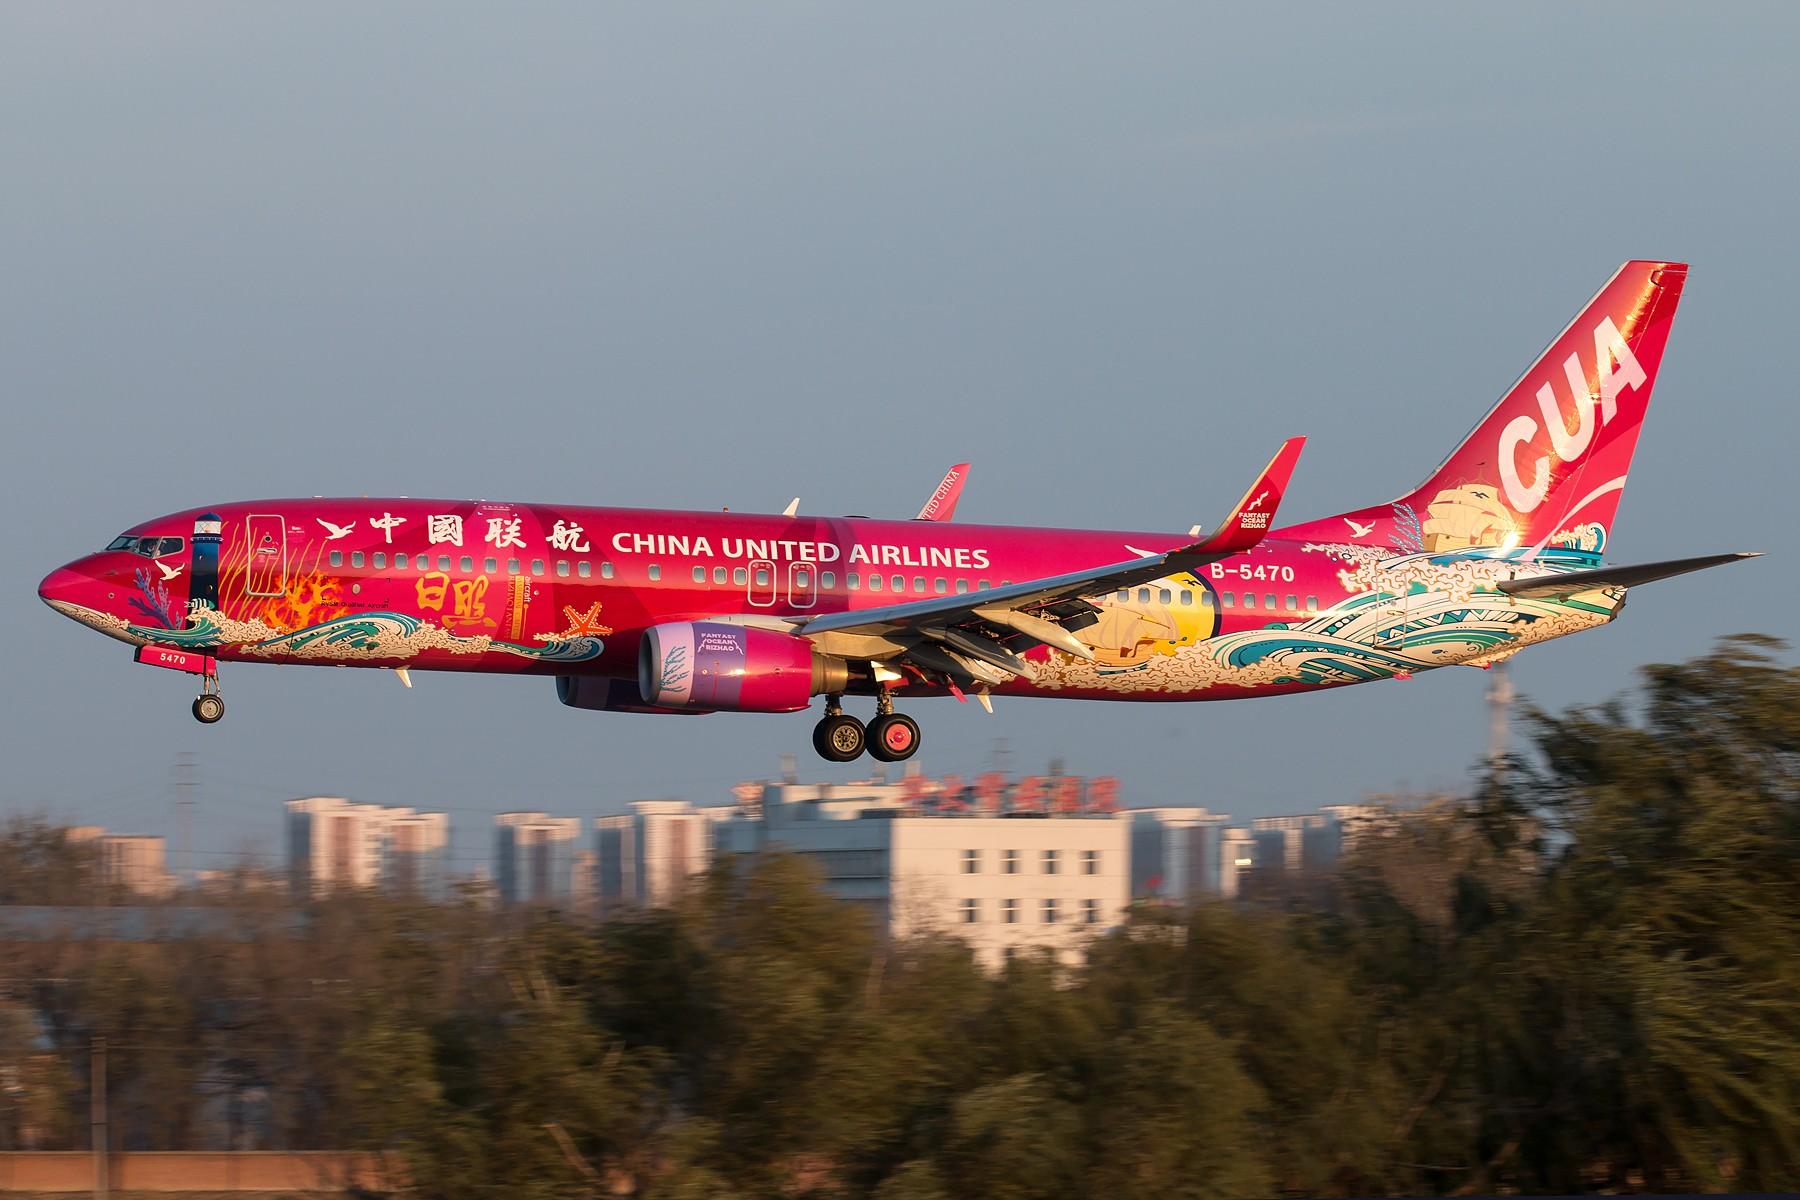 [原创][一图党]中国联合航空 B-5470 日照号彩绘机 1800*1200 BOEING 737-800 B-5470 中国北京南苑机场